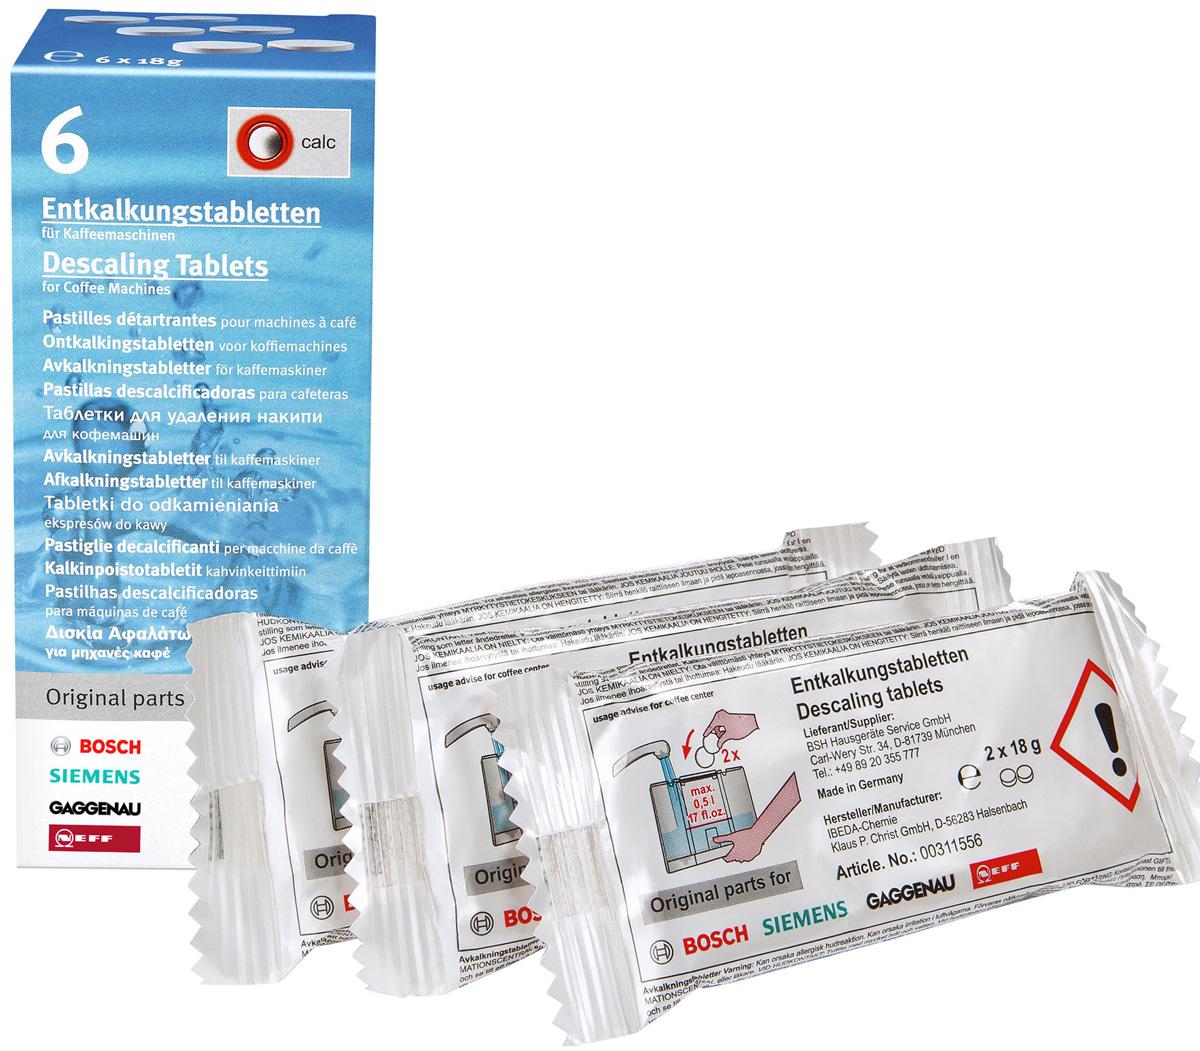 Bosch 311556 таблетки от накипи для кофемашин311556Таблетки Bosch 311769 безопасно и надежно удаляют накипь с кофемашин. Удаляют известь и защищают от коррозии. Подходят для всех моделей.